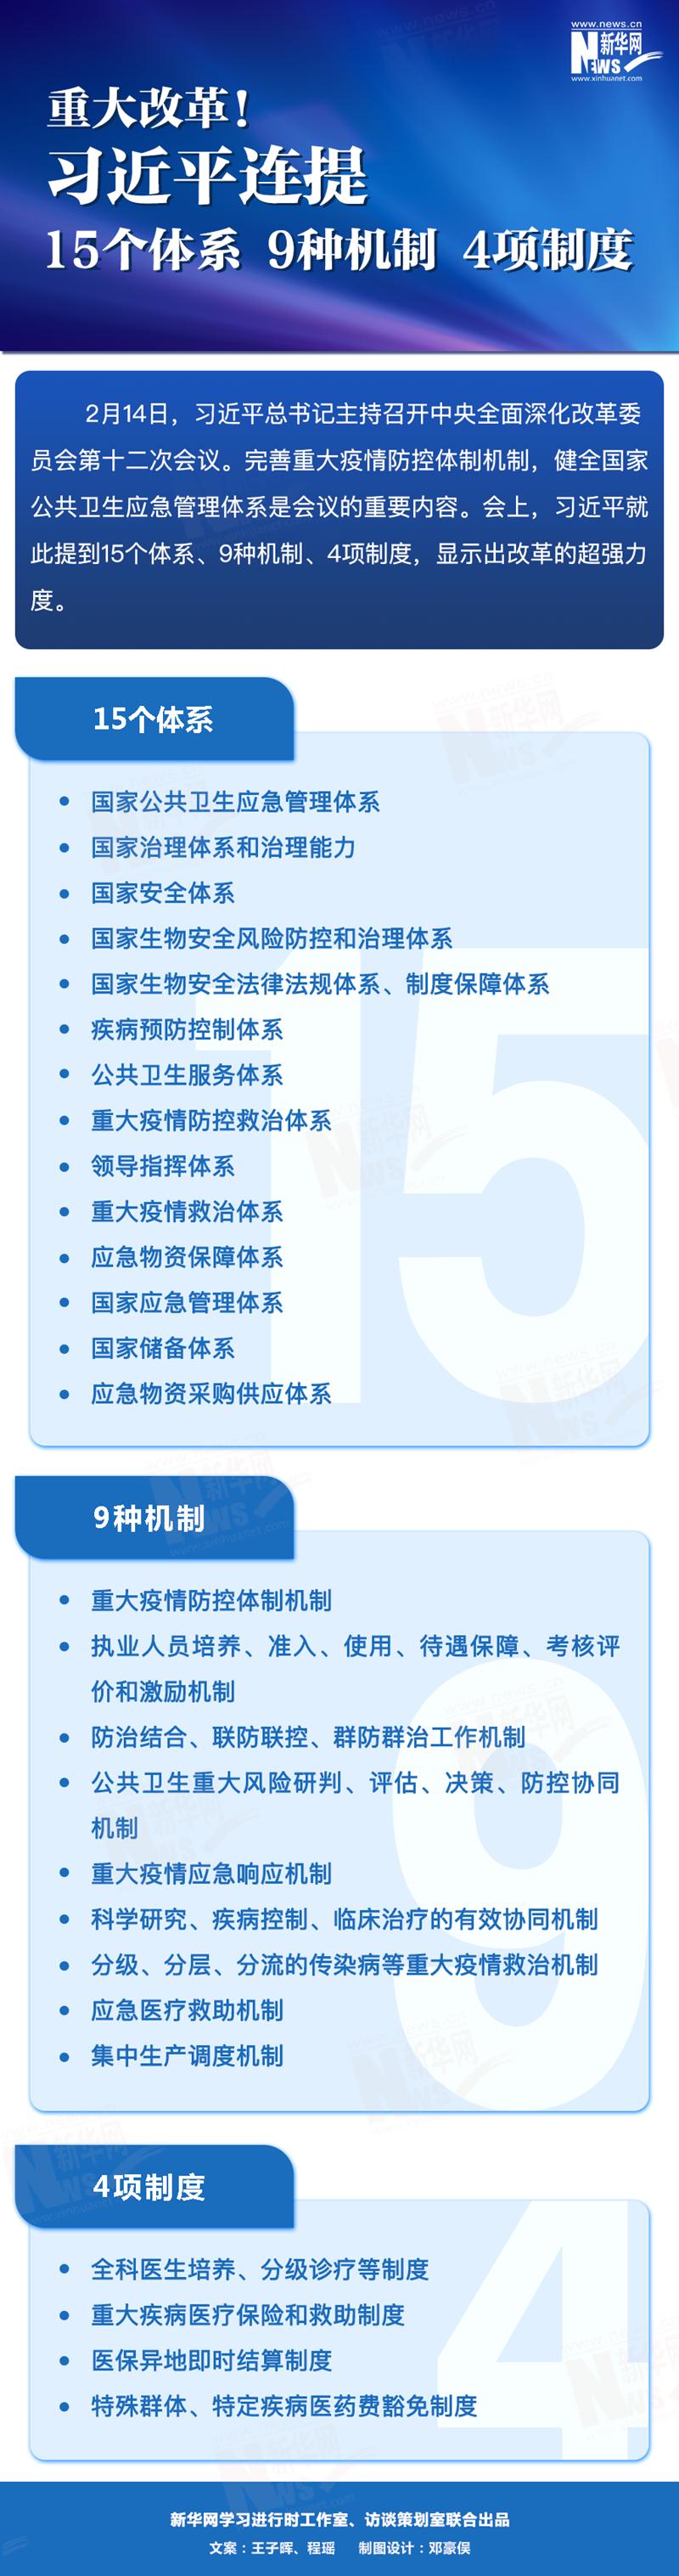 习近平连提15个体系9种机制4项制度